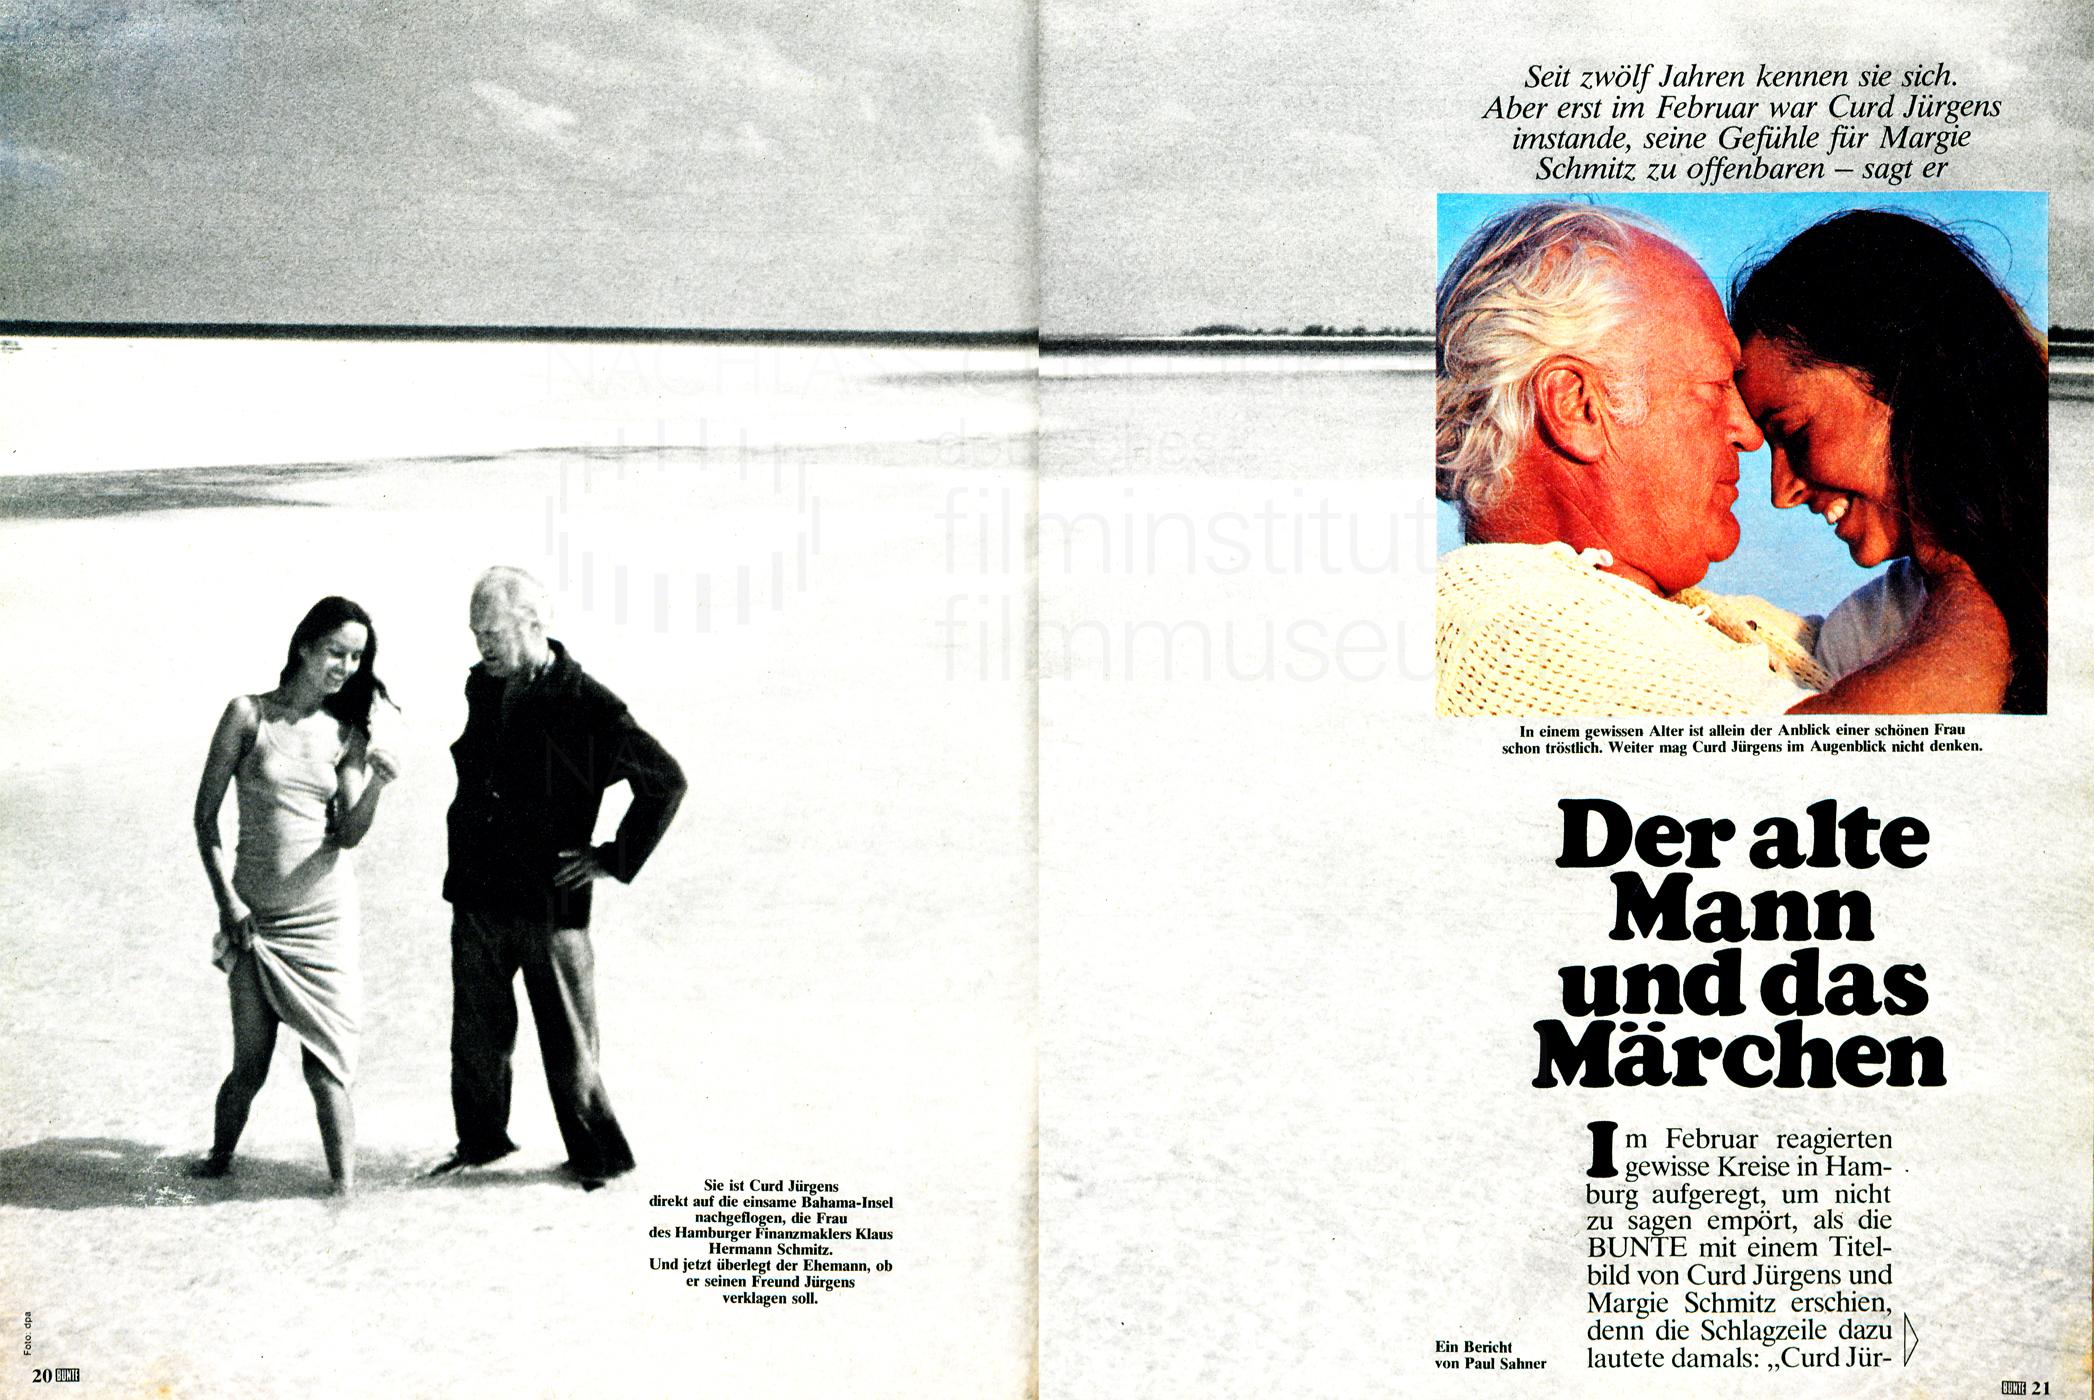 """Bunte: """"Der alte Mann und das Märchen"""", Nr. 20, 1967"""